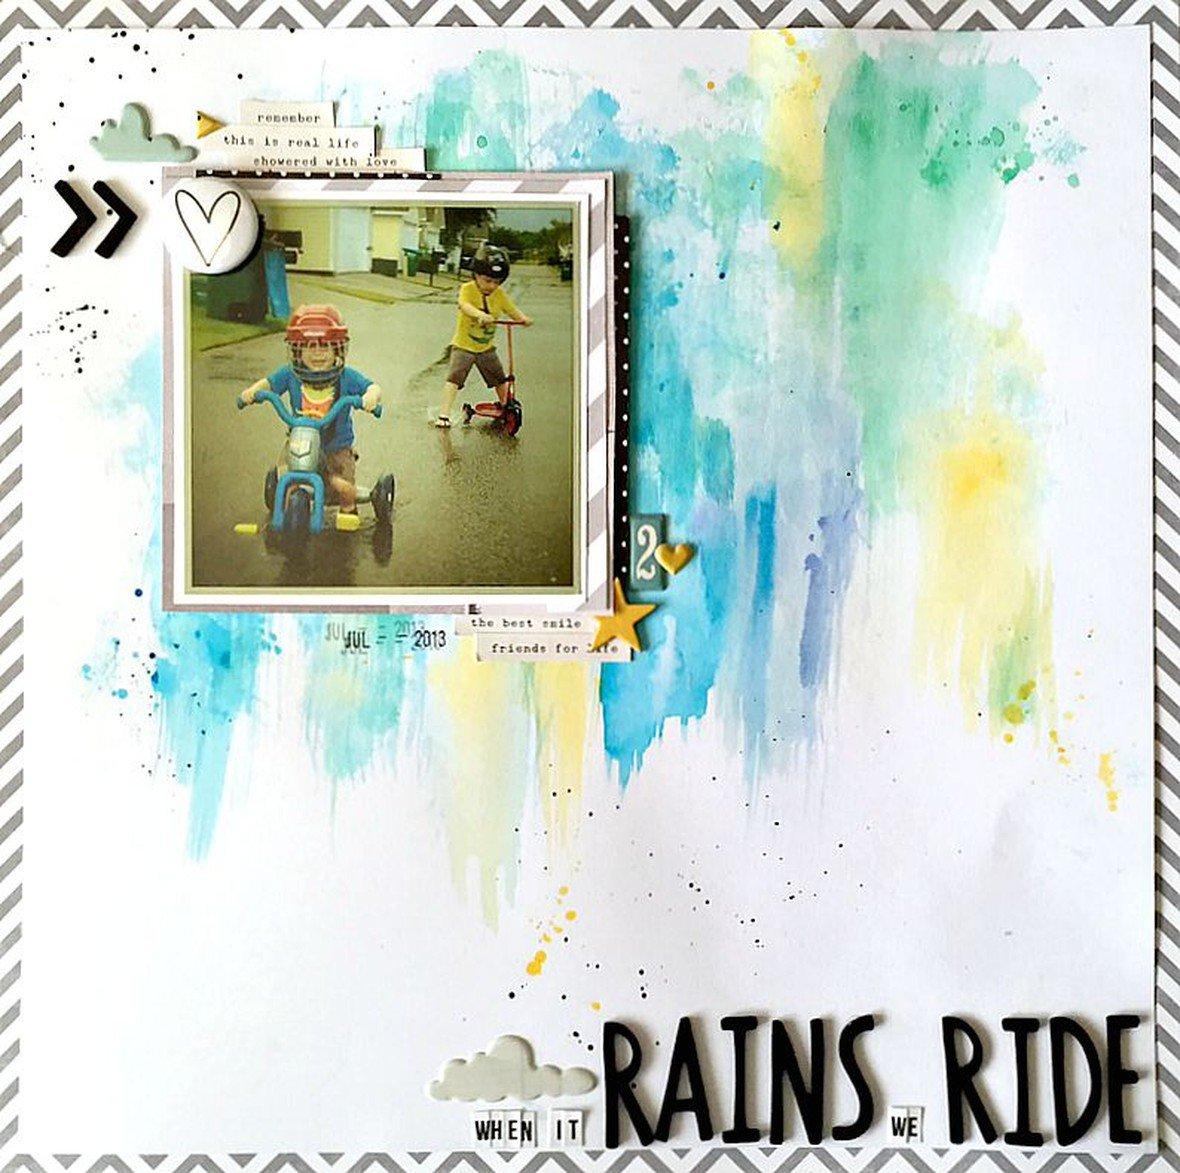 When it rains we ride layout   ls original